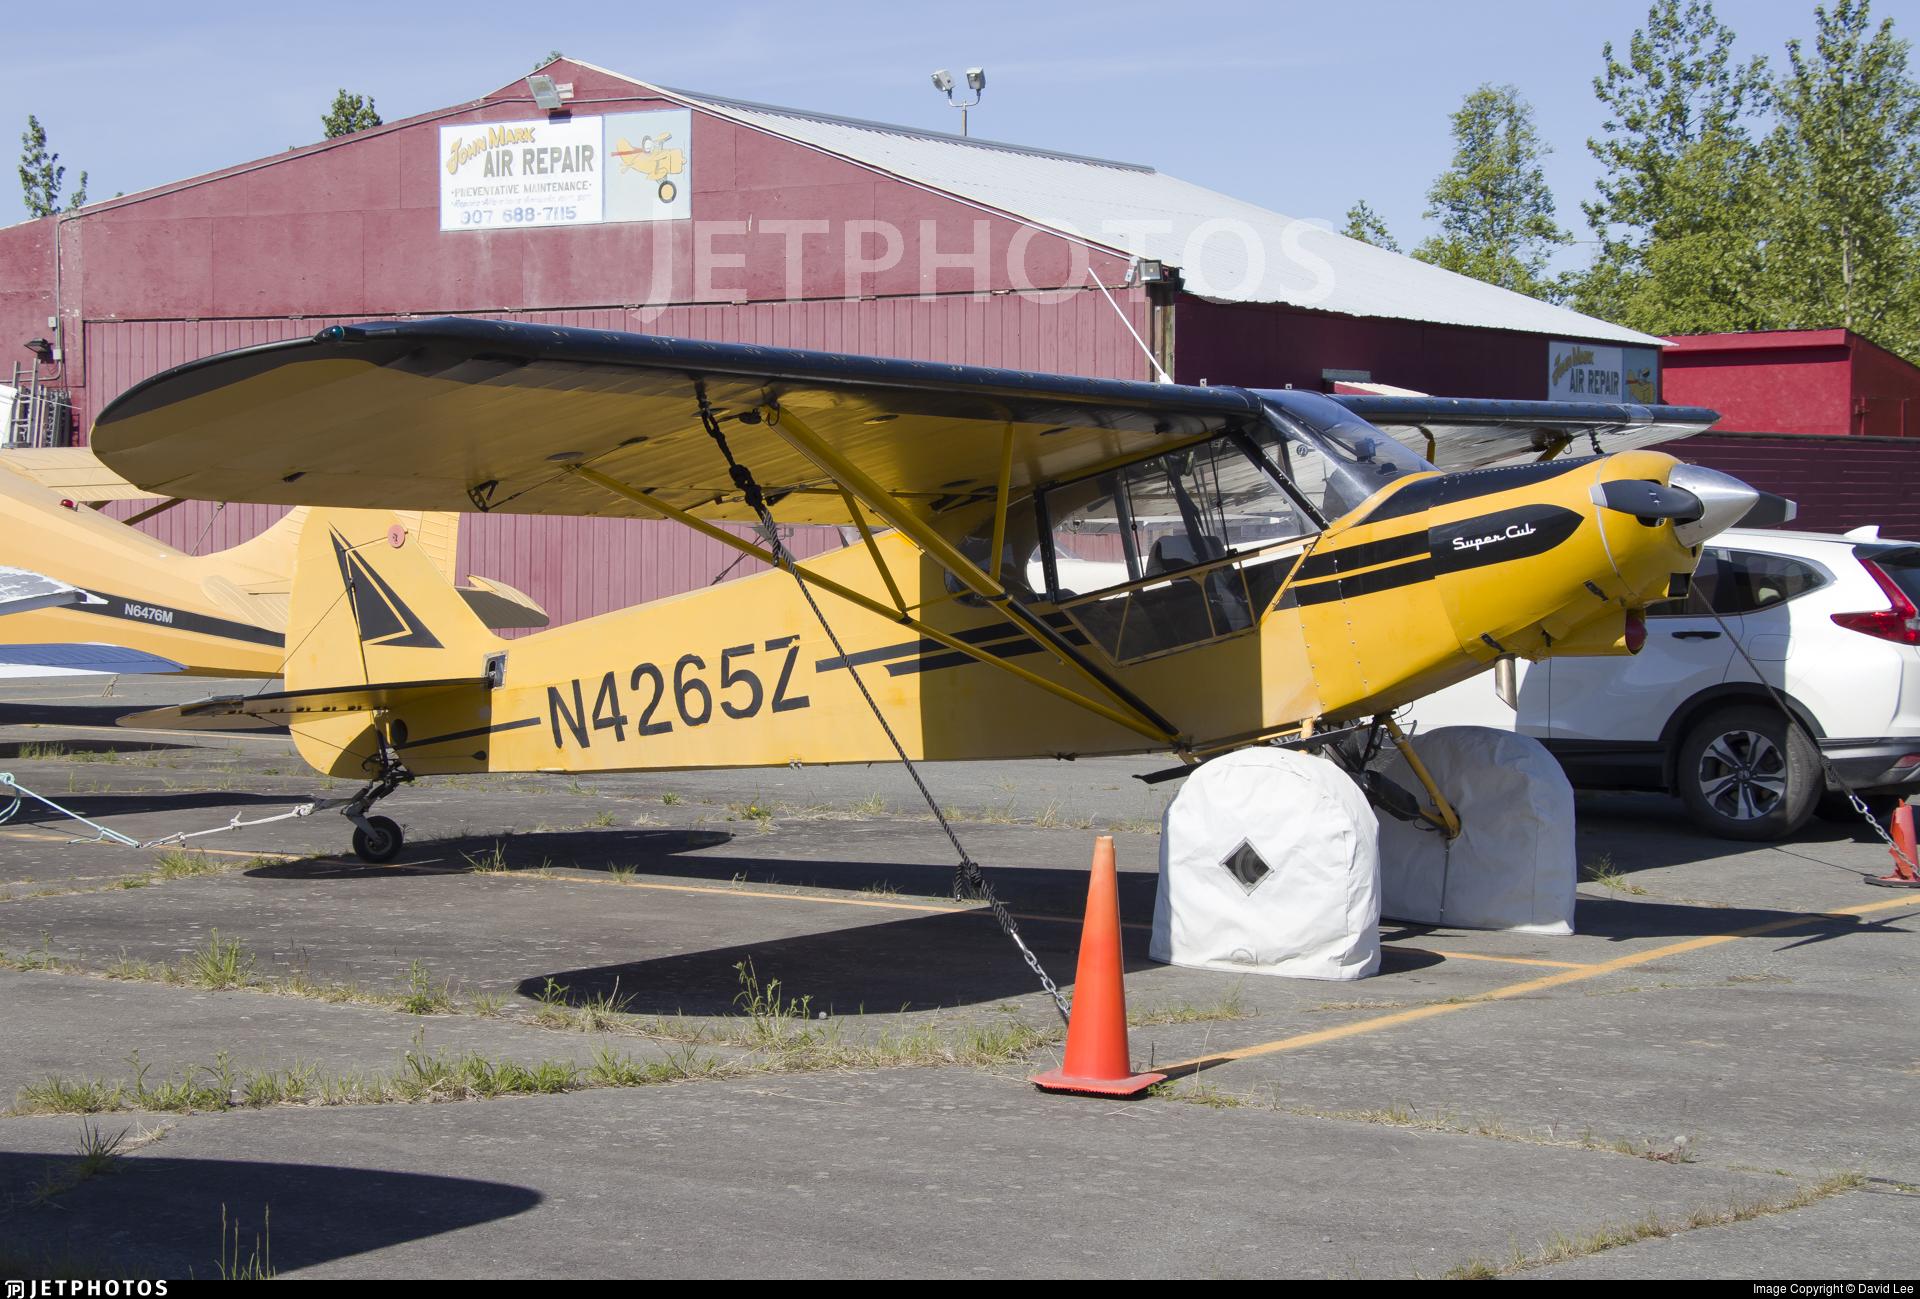 N4265Z - Piper PA-18-150 Super Cub - Private